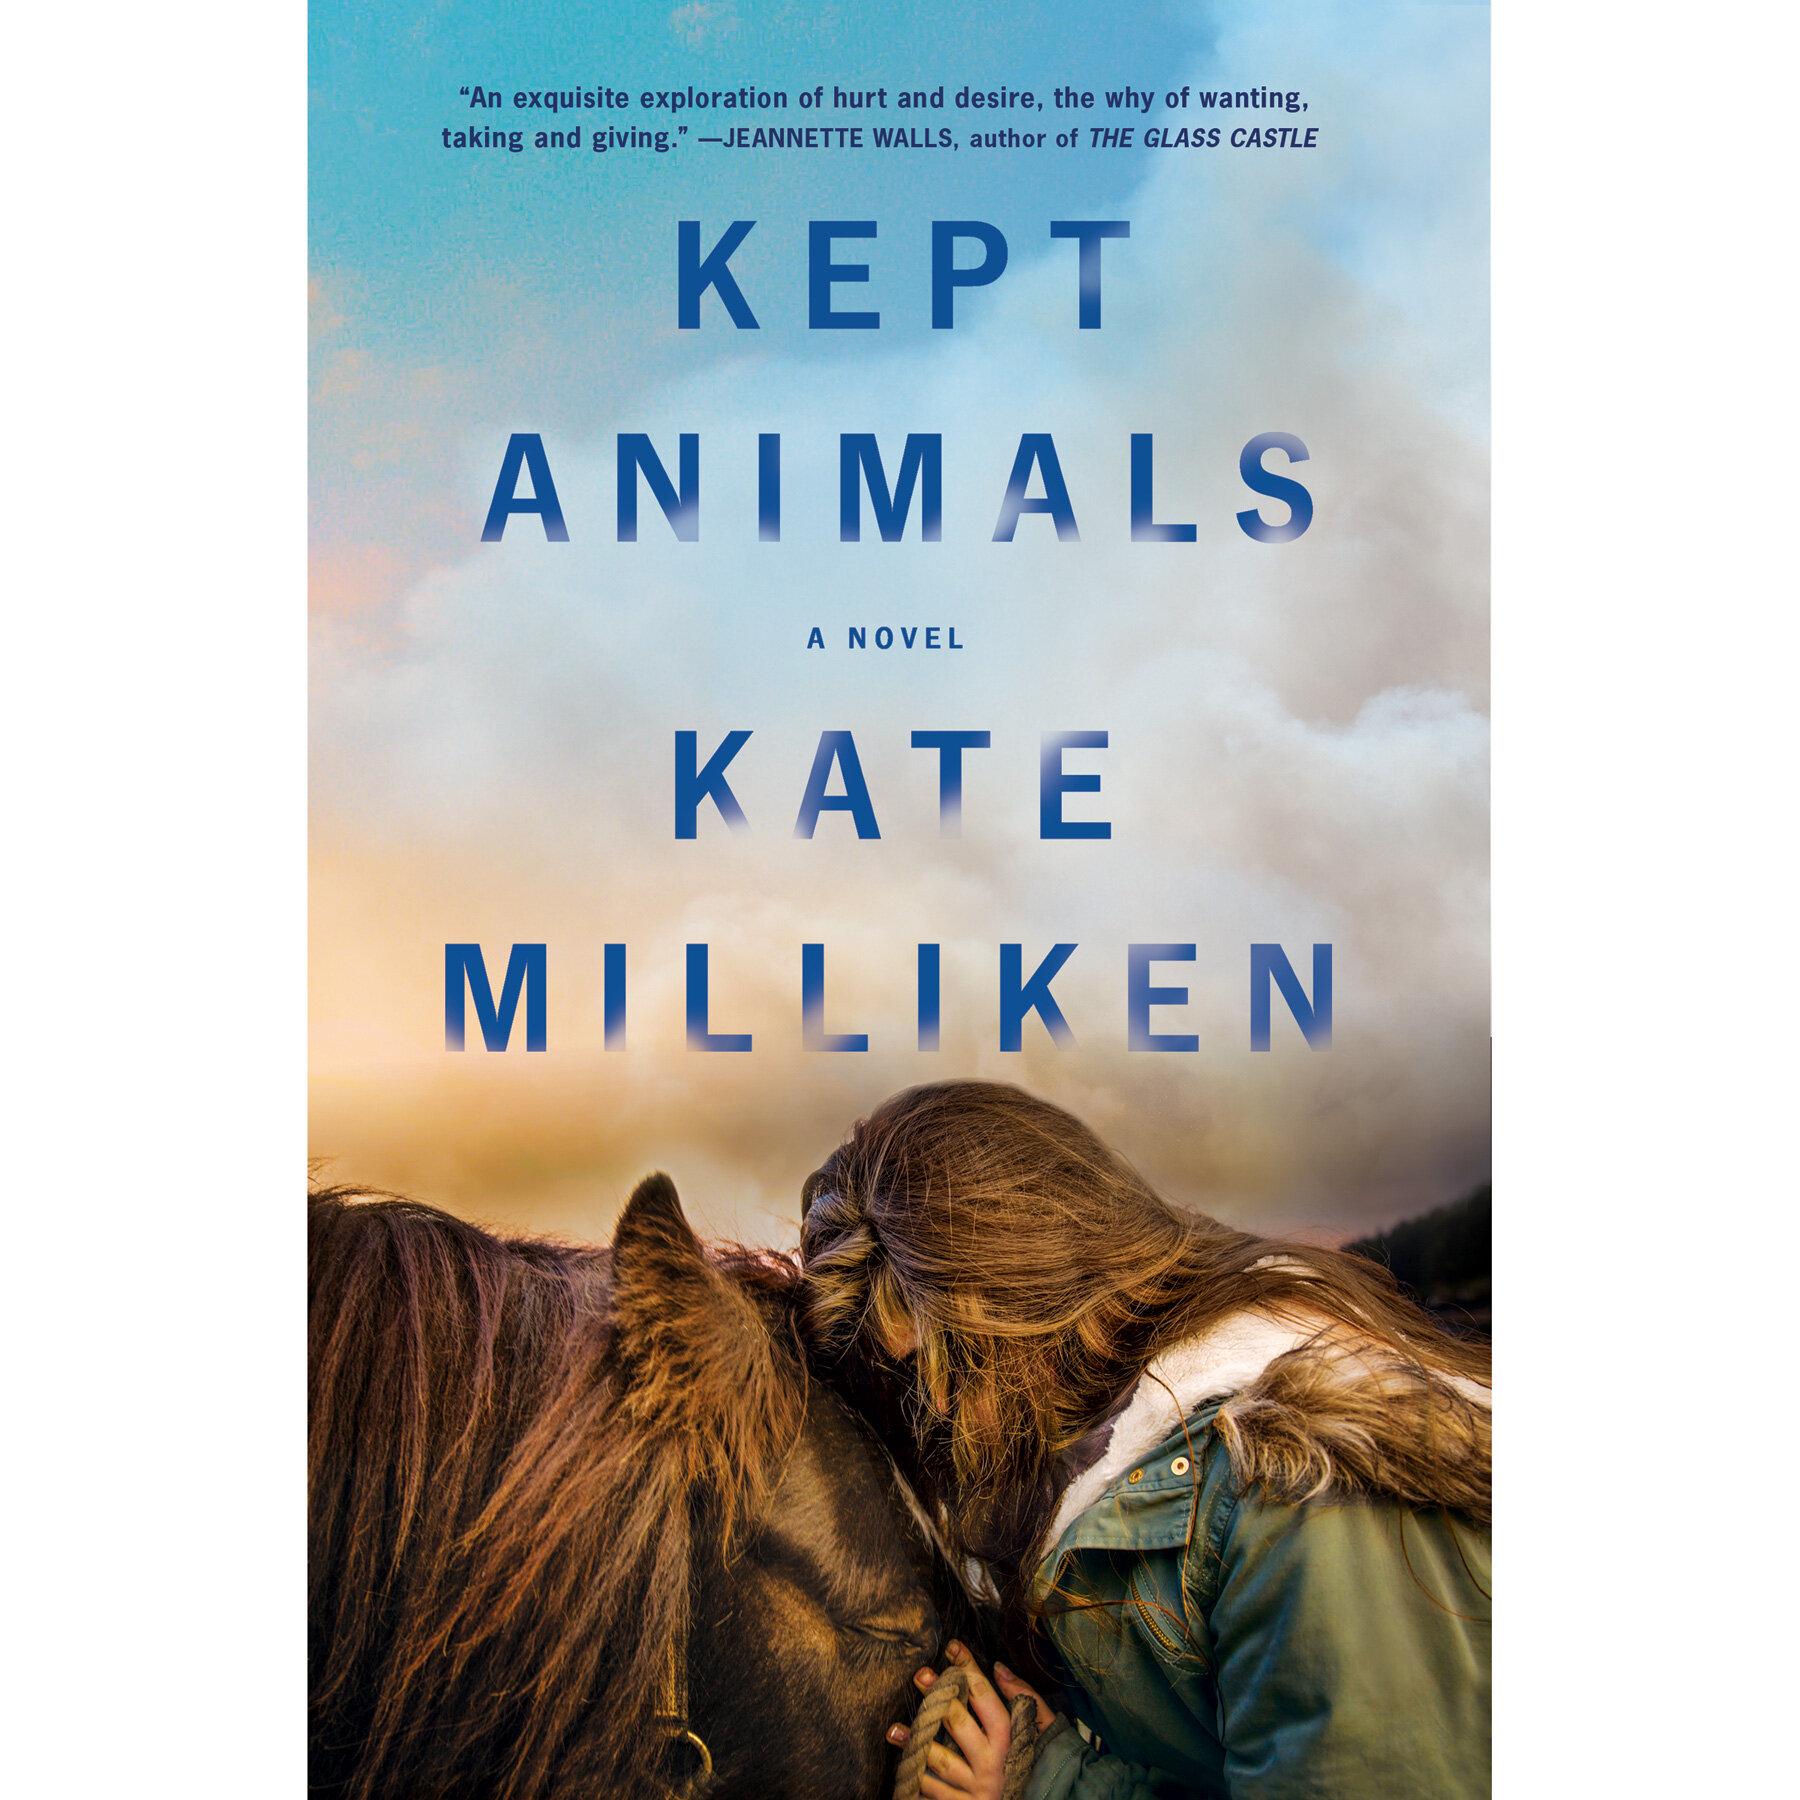 Kate_Milliken_Kept_Animals_cover_6_6jpg